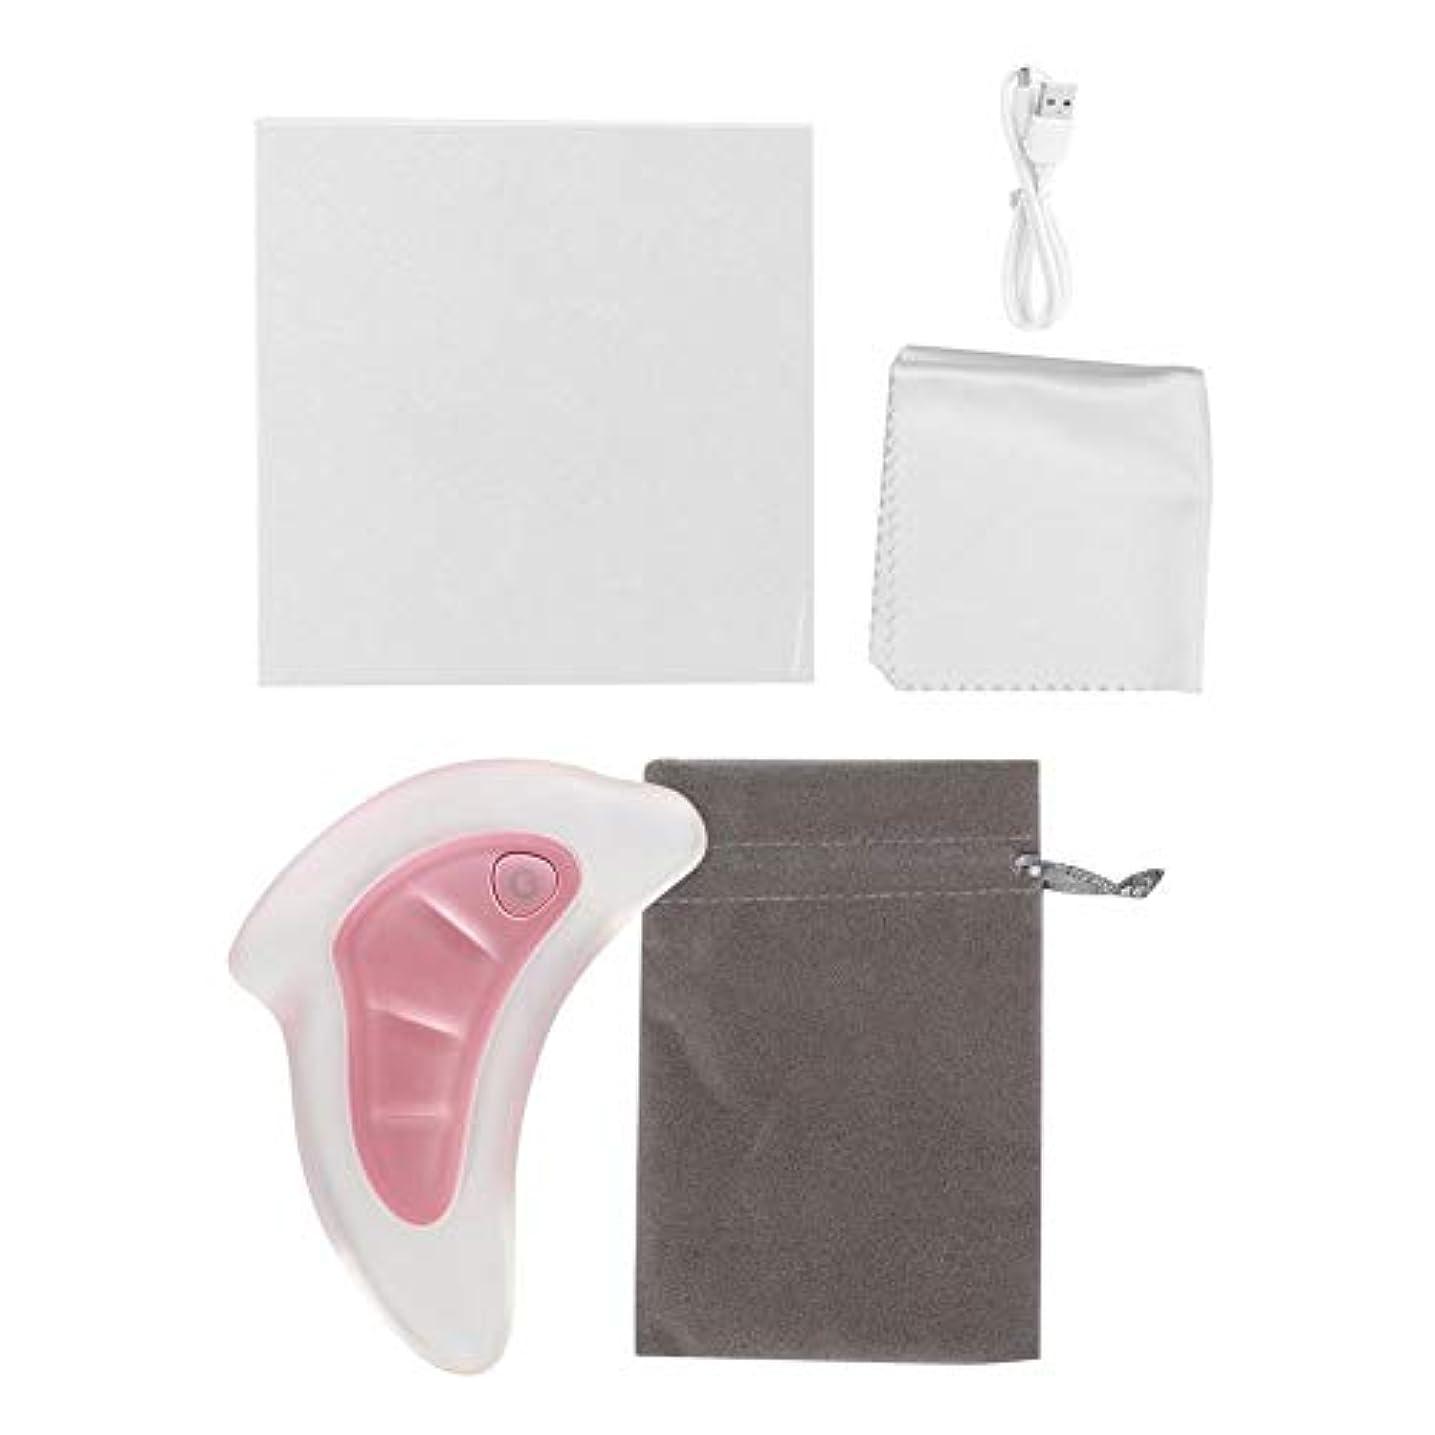 冷笑するしつけ落胆する2色スクレーピングマッサージャー - フェイスリフティングスクレーパー、グアシャツール - アンチエイジング、アンチリンクルマッサージ&フェイシャルグアシャ、カラフルなライトを廃棄するための楽器(ピンク)